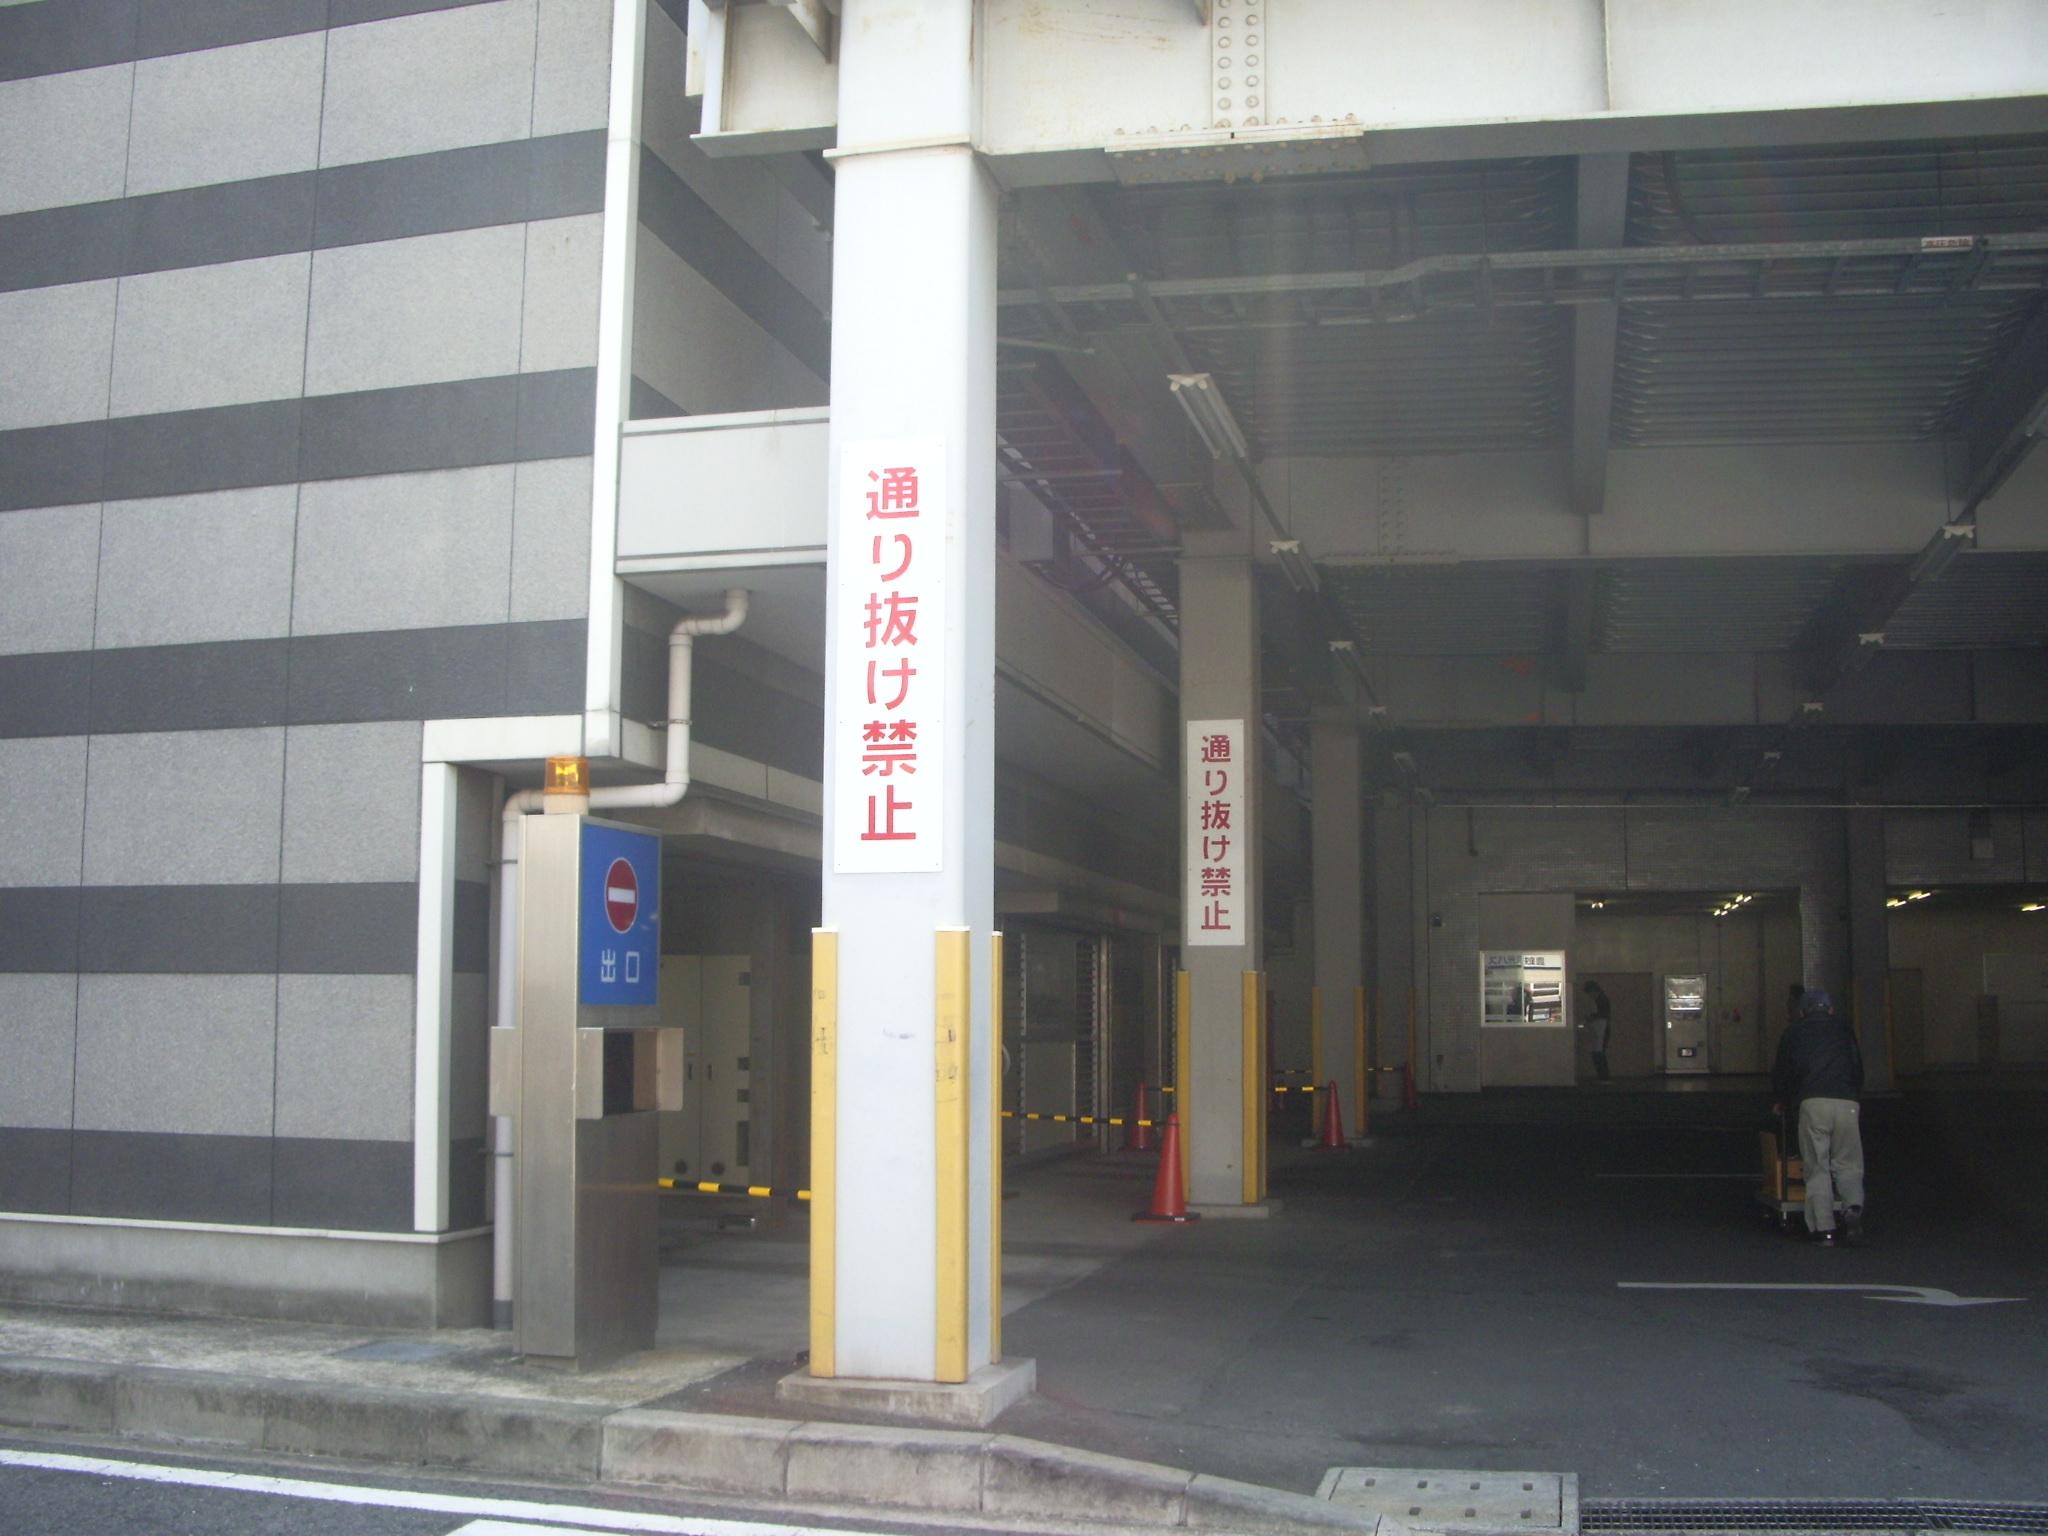 立体駐車場の通り抜け禁止のパネル看板 | 豊橋の看板屋さん